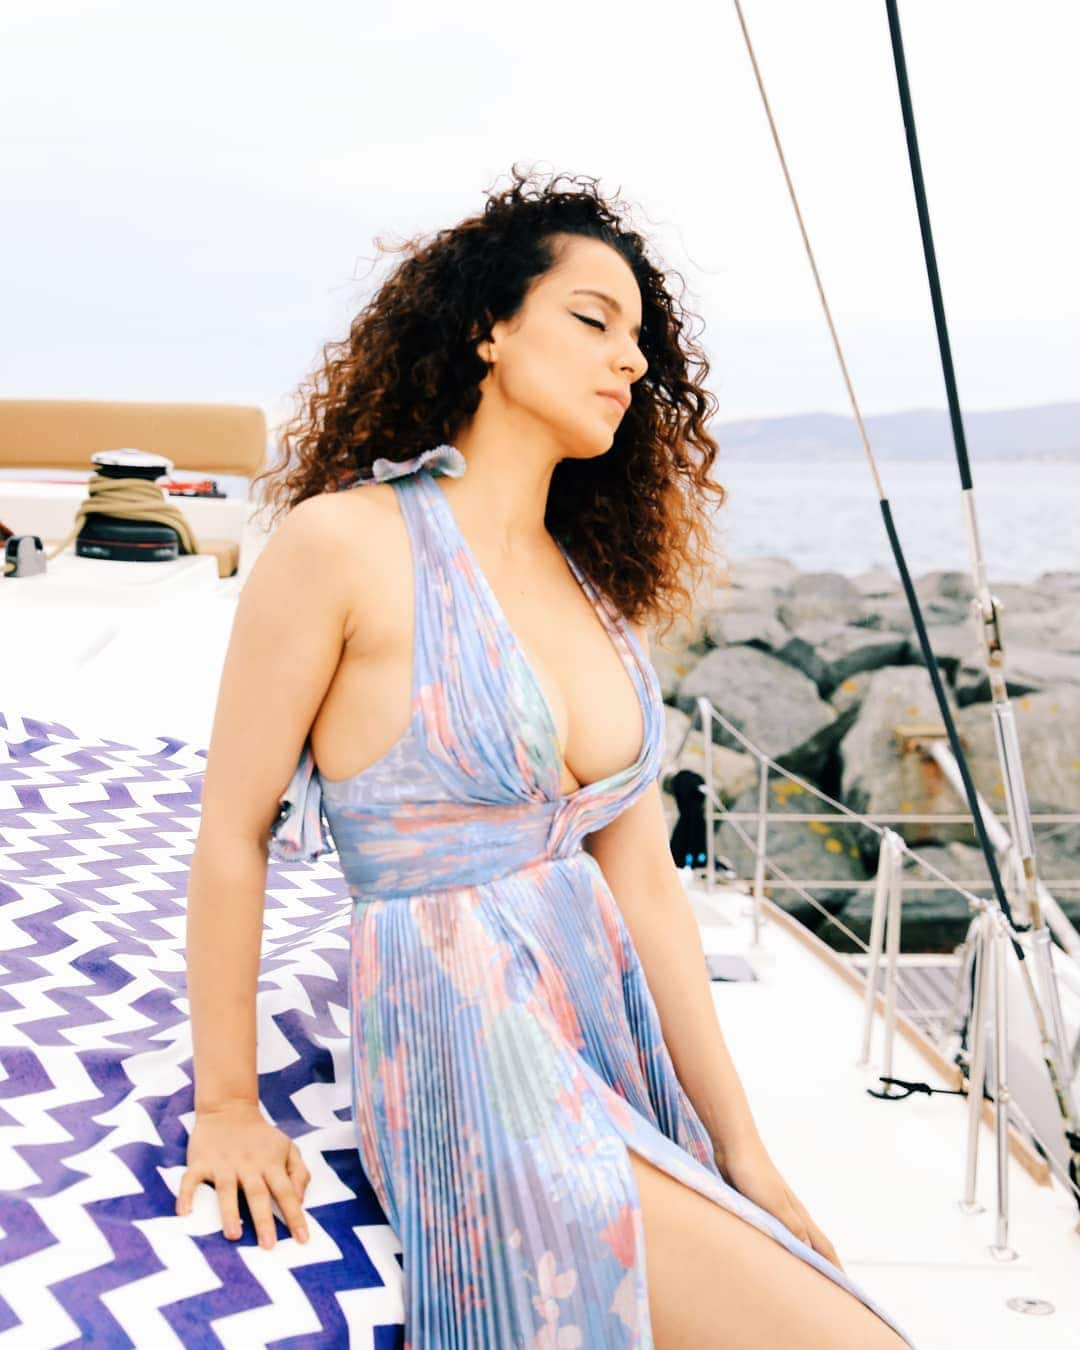 Cannes 2019: फ्लोरल ड्रेस में गज़ब ढा रही हैं कंगना रनौत, स्वैग कर देगा घायल !